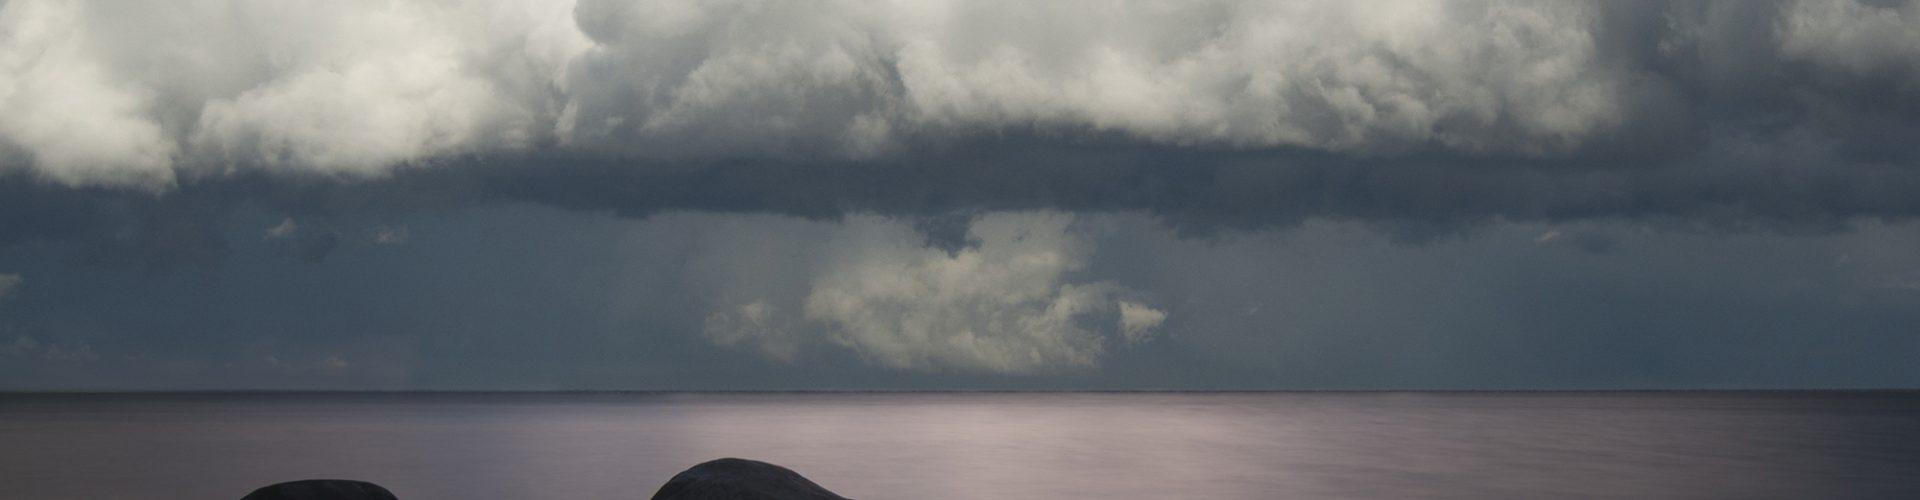 Spotkanie z Morzem Bałtyckim | Gdynia 2020